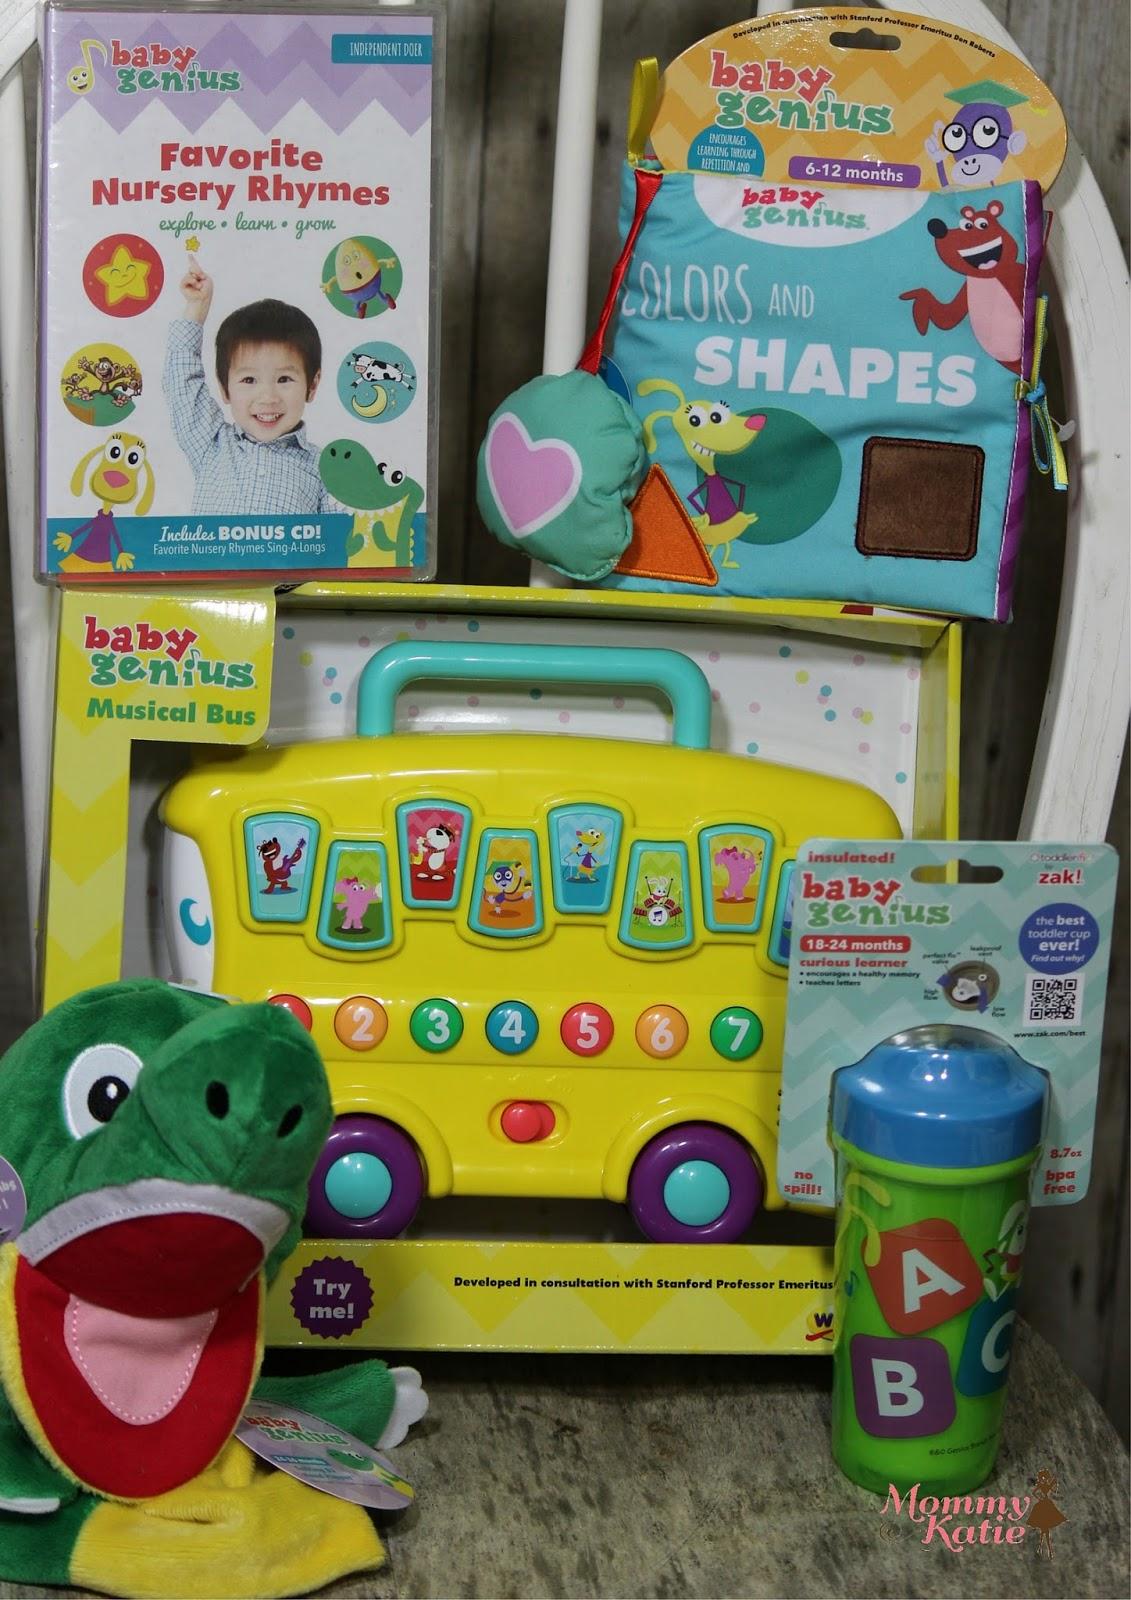 Baby Genius - Baby Goods/Kids Goods - prod.facebook.com